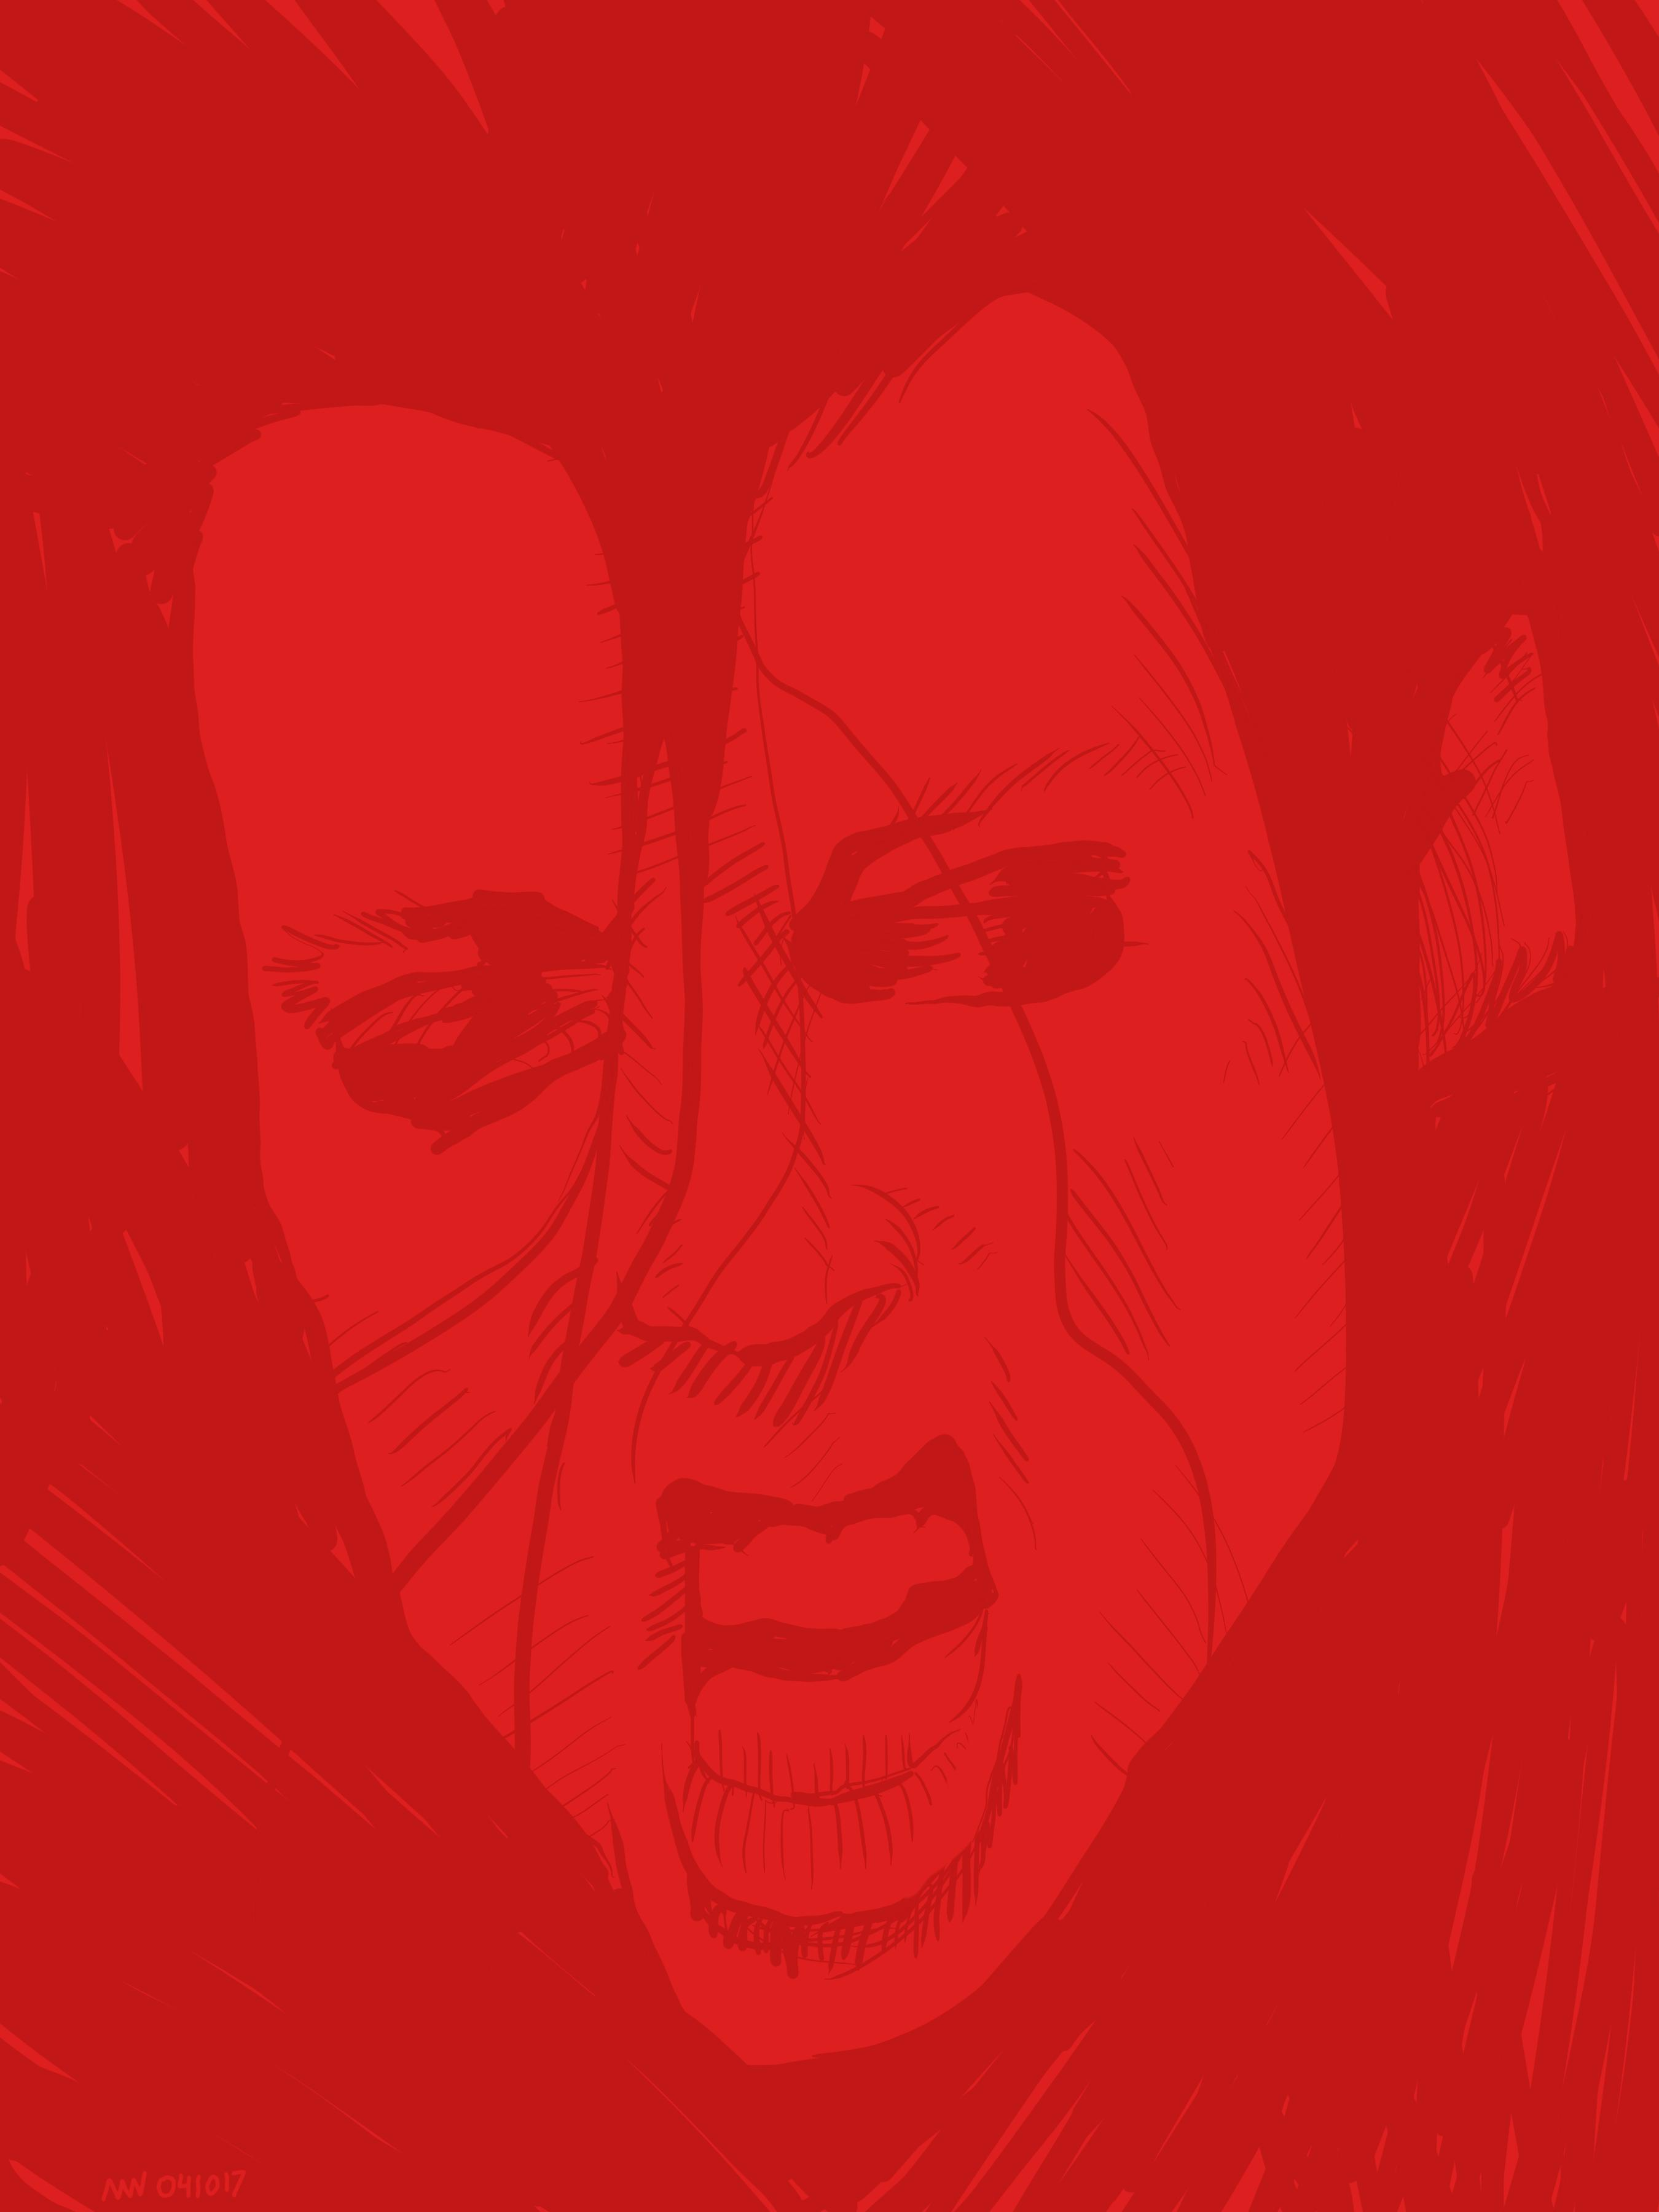 Music Danzig art